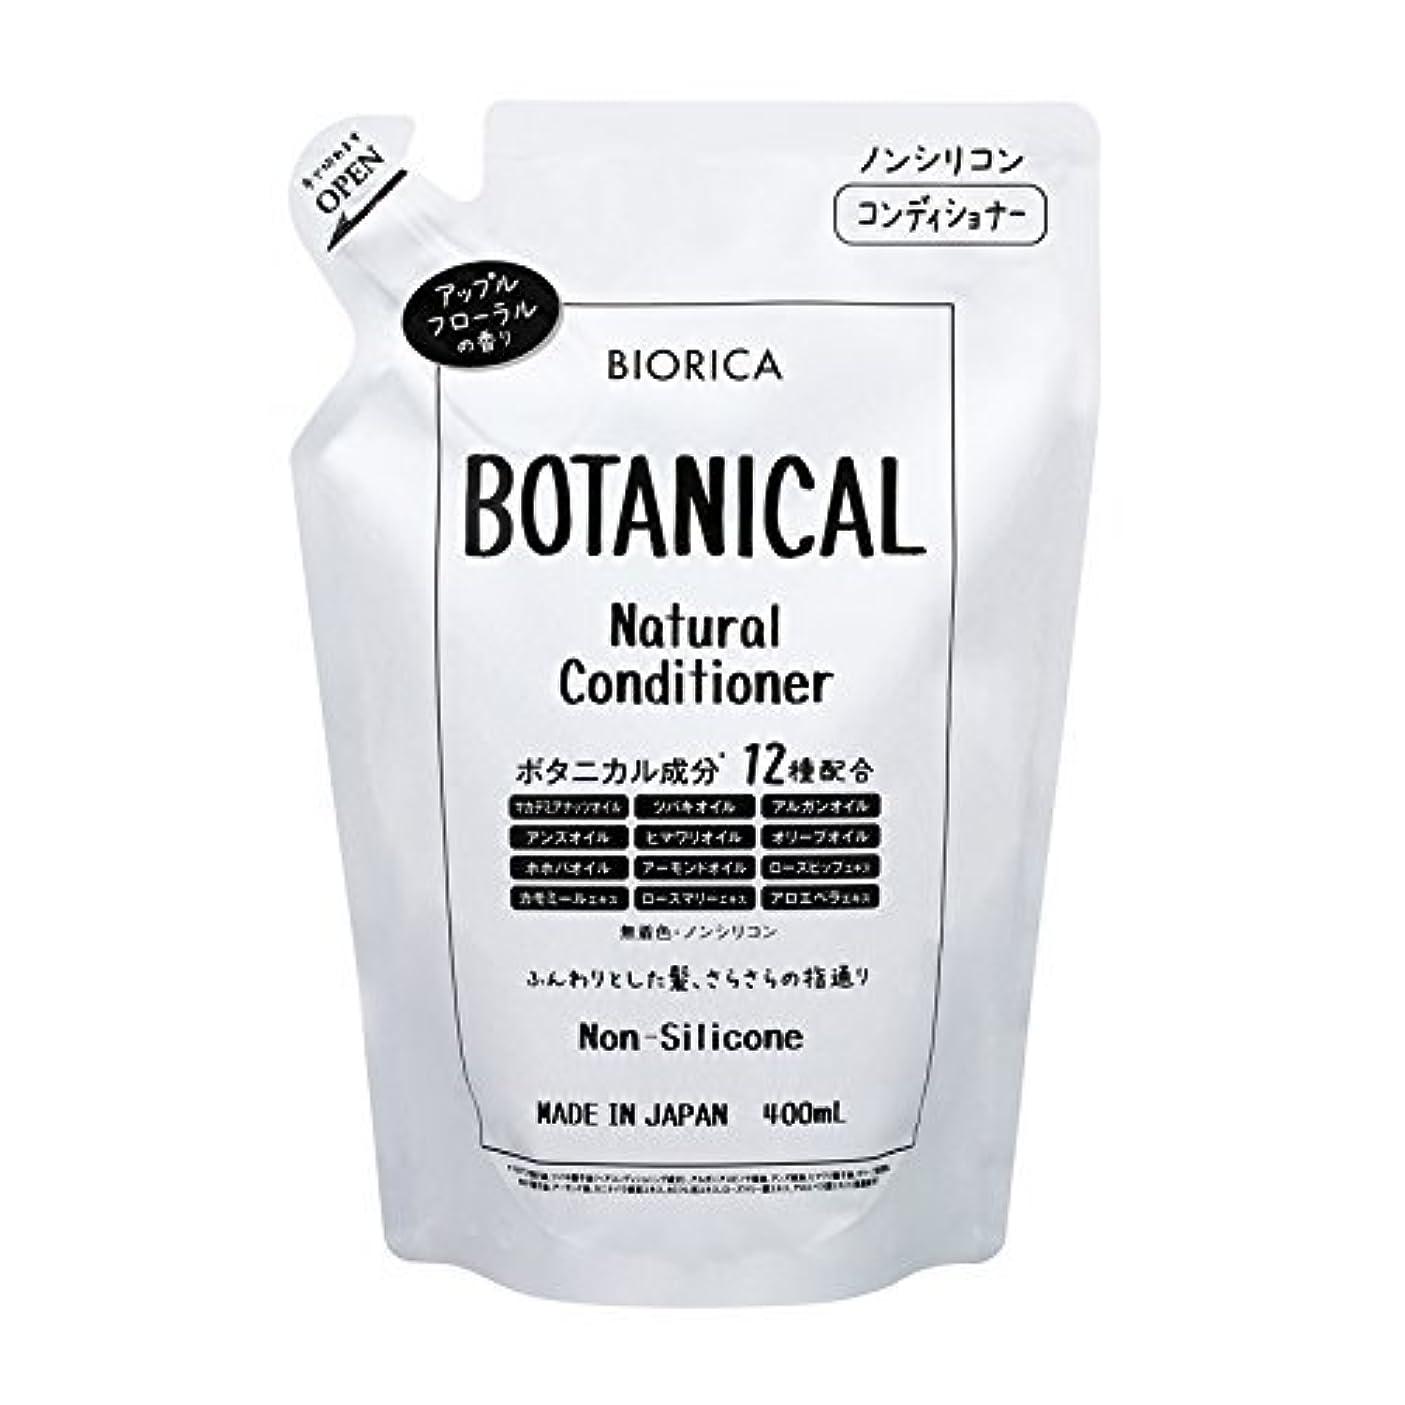 リー大混乱敏感なBIORICA ビオリカ ボタニカル ノンシリコン コンディショナー 詰め替え アップルフローラルの香り 400ml 日本製